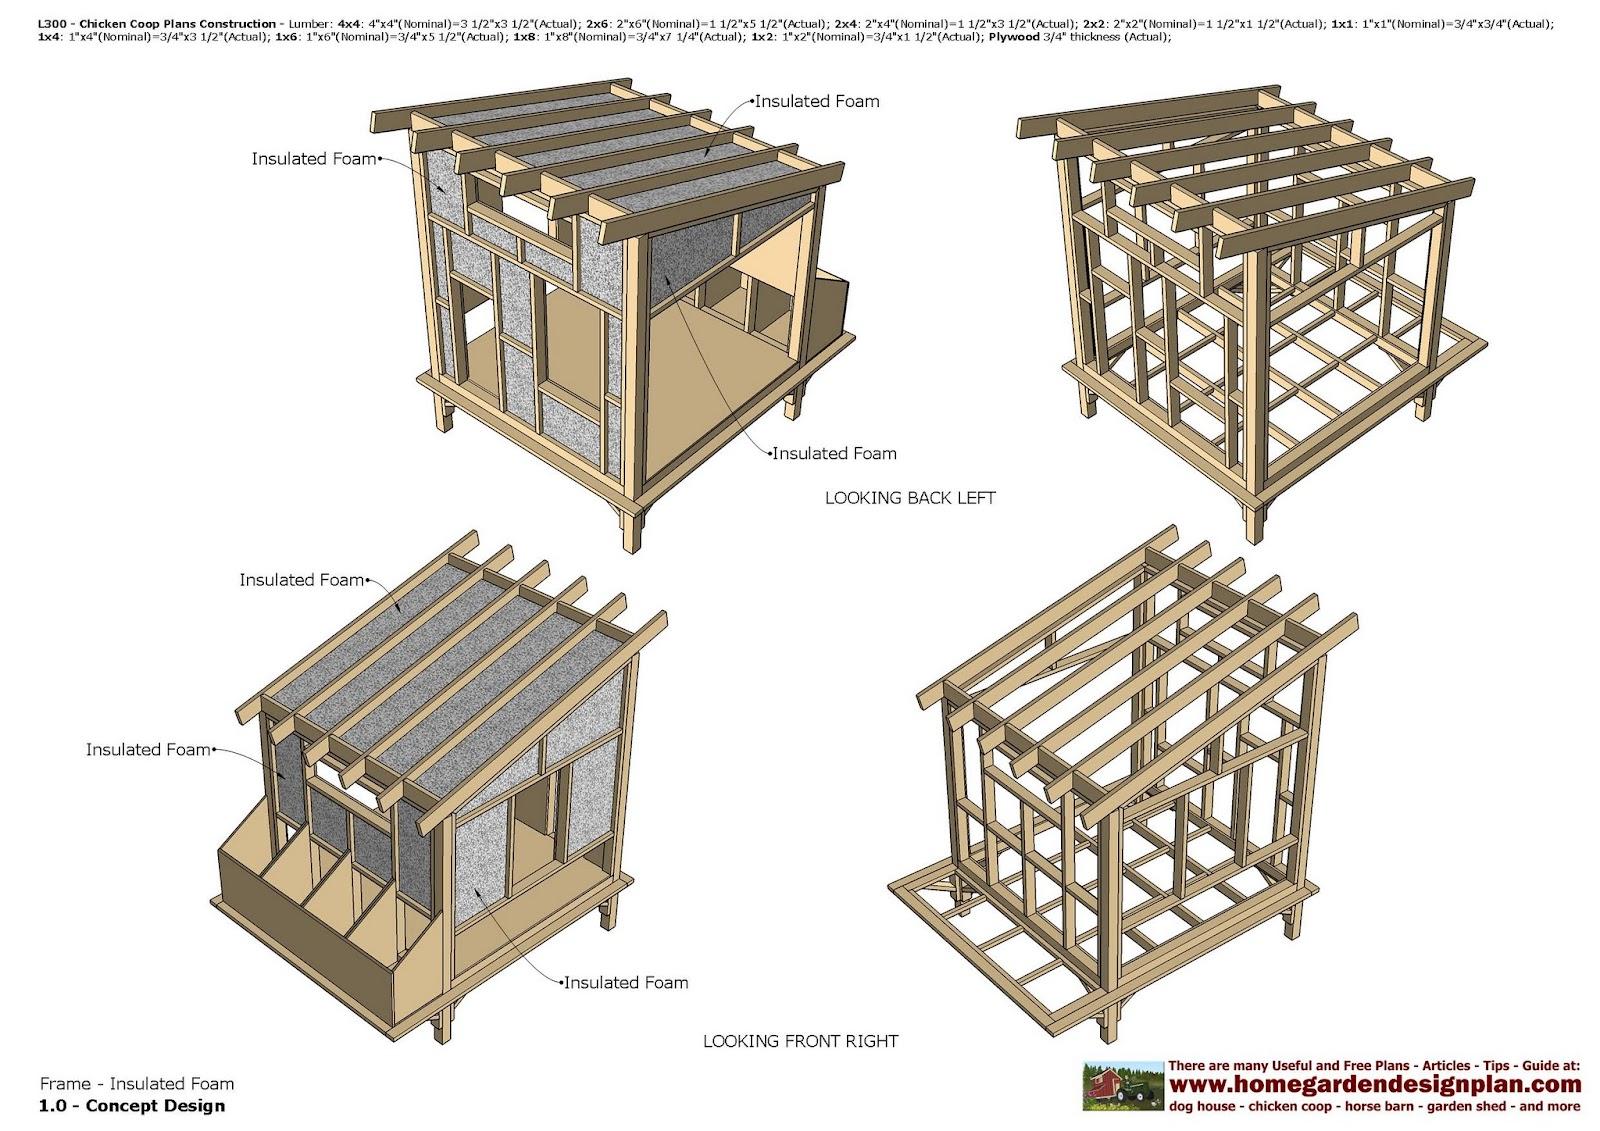 home garden plans L300 Chicken Coop Plans Construction Chicken – Chicken Coop With Garden Roof Plans